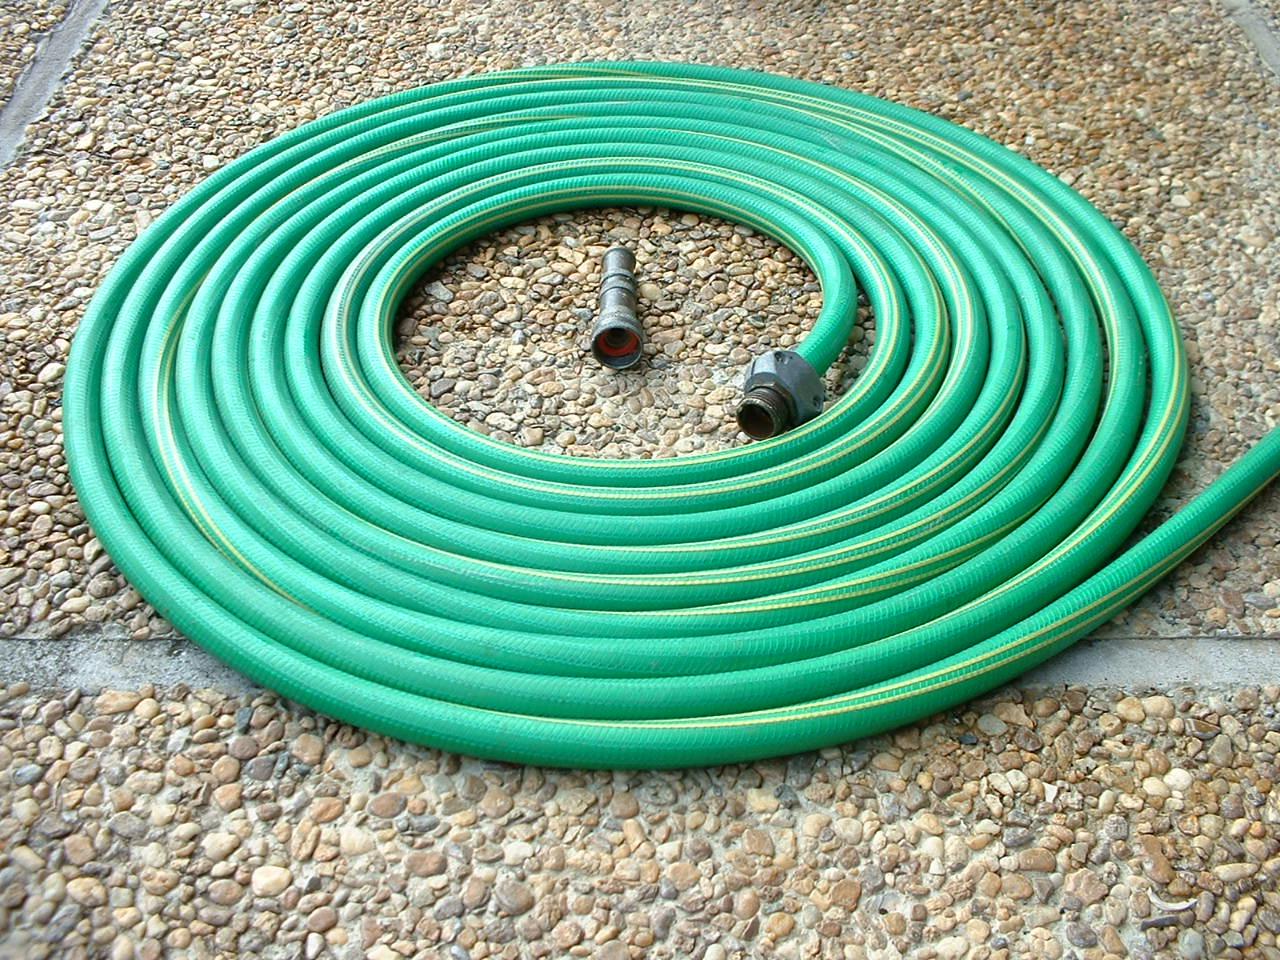 hose hookup for pool